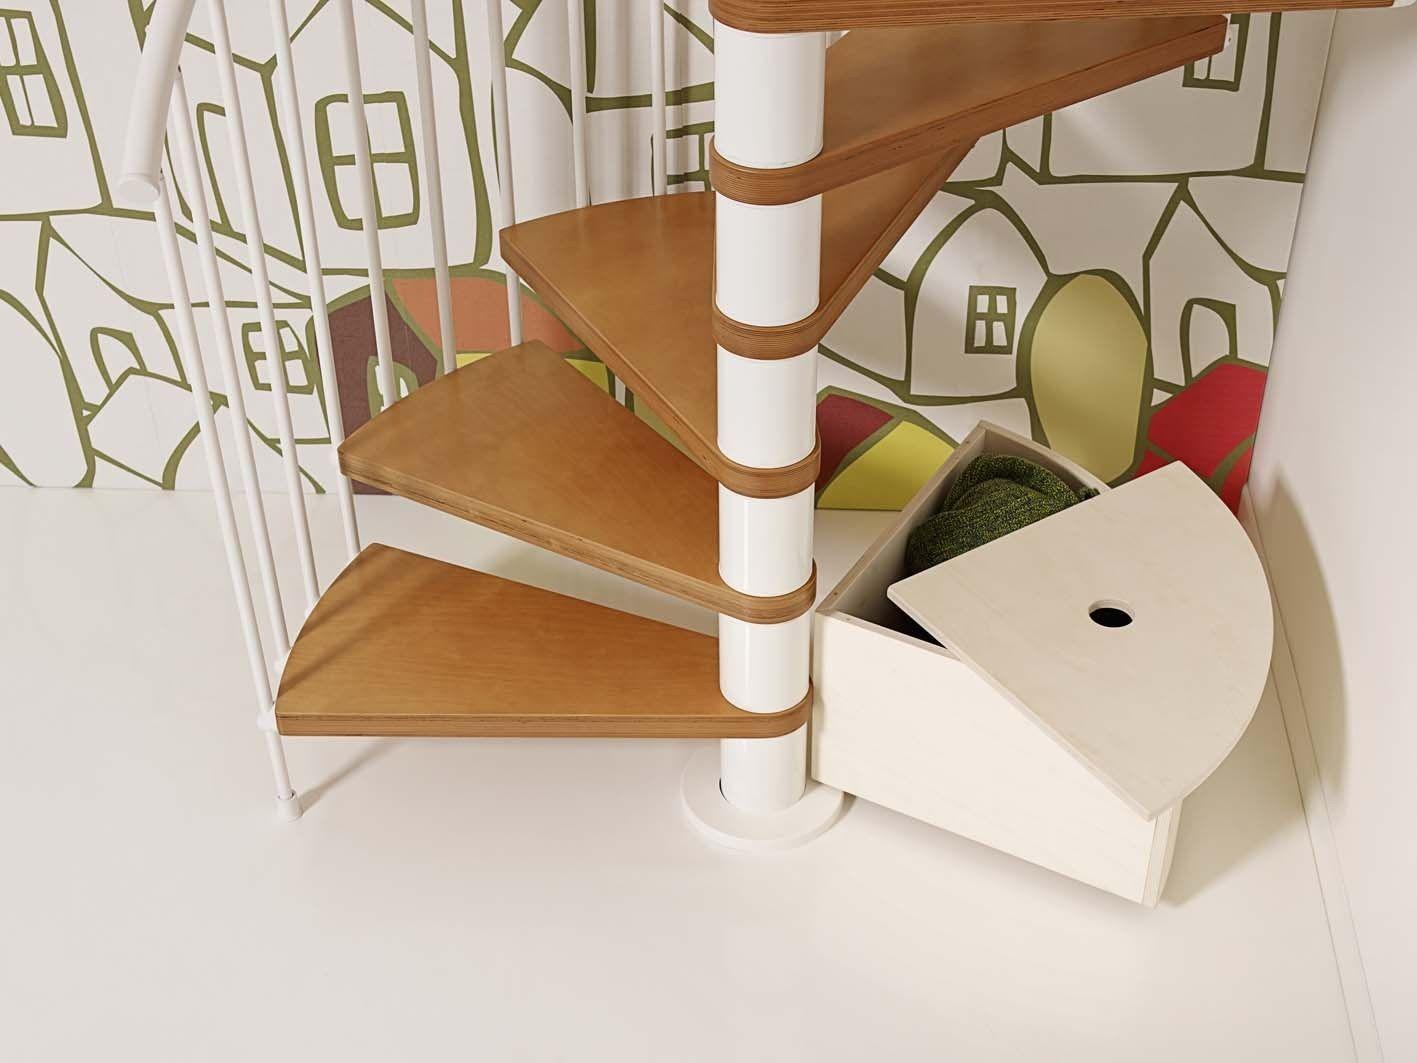 Gli originali accessori per scale fontanot